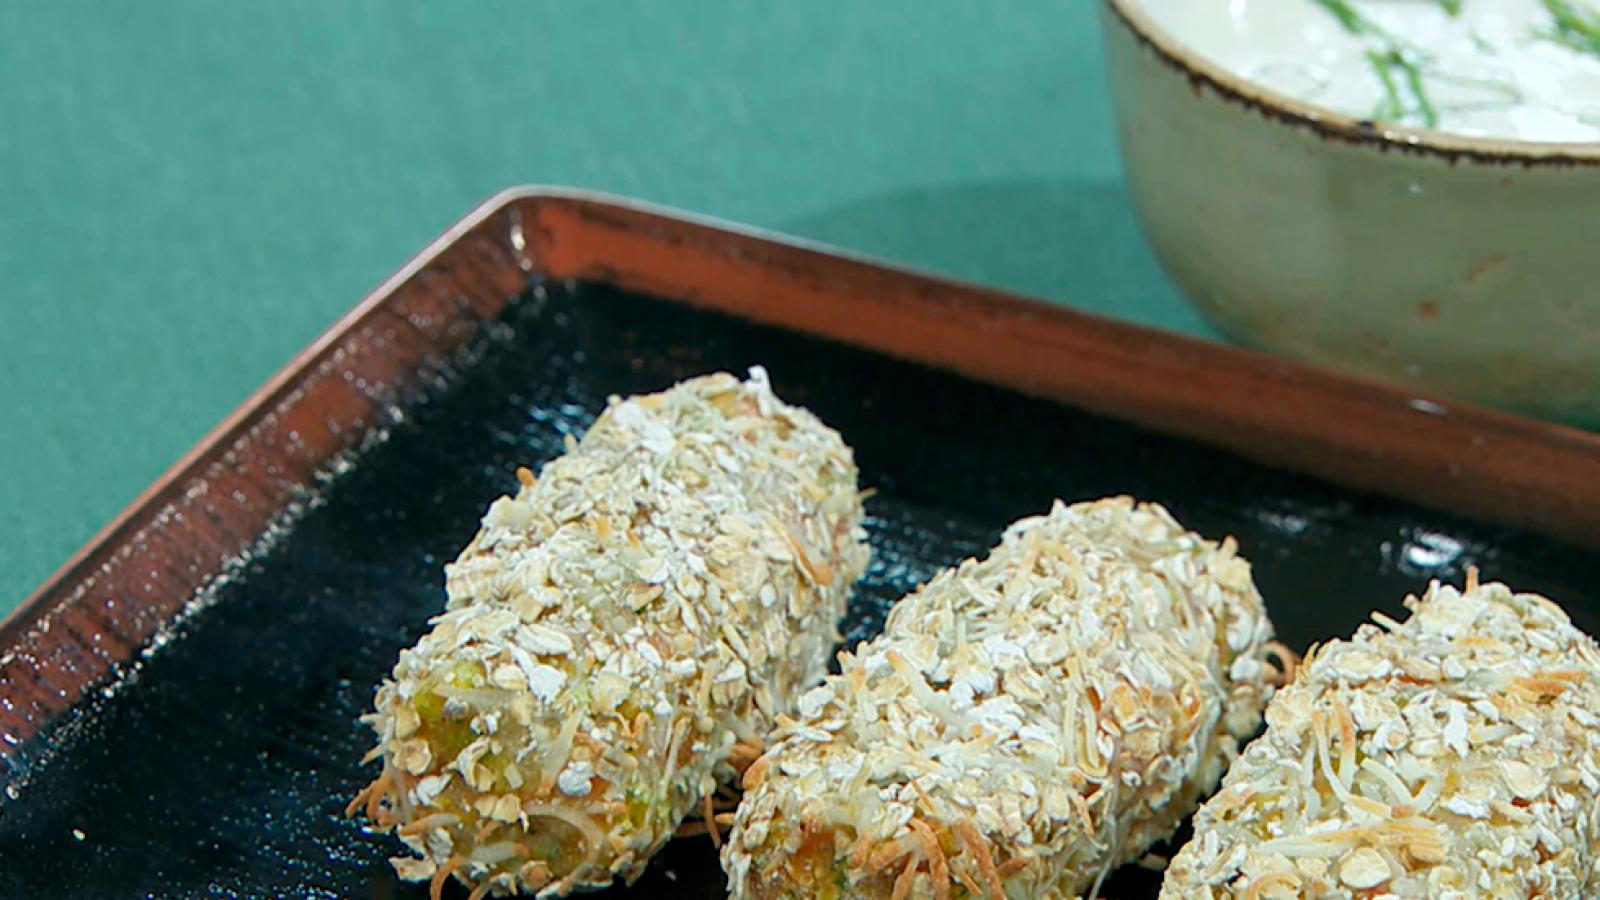 Torres en la cocina - Nuggets de verdura